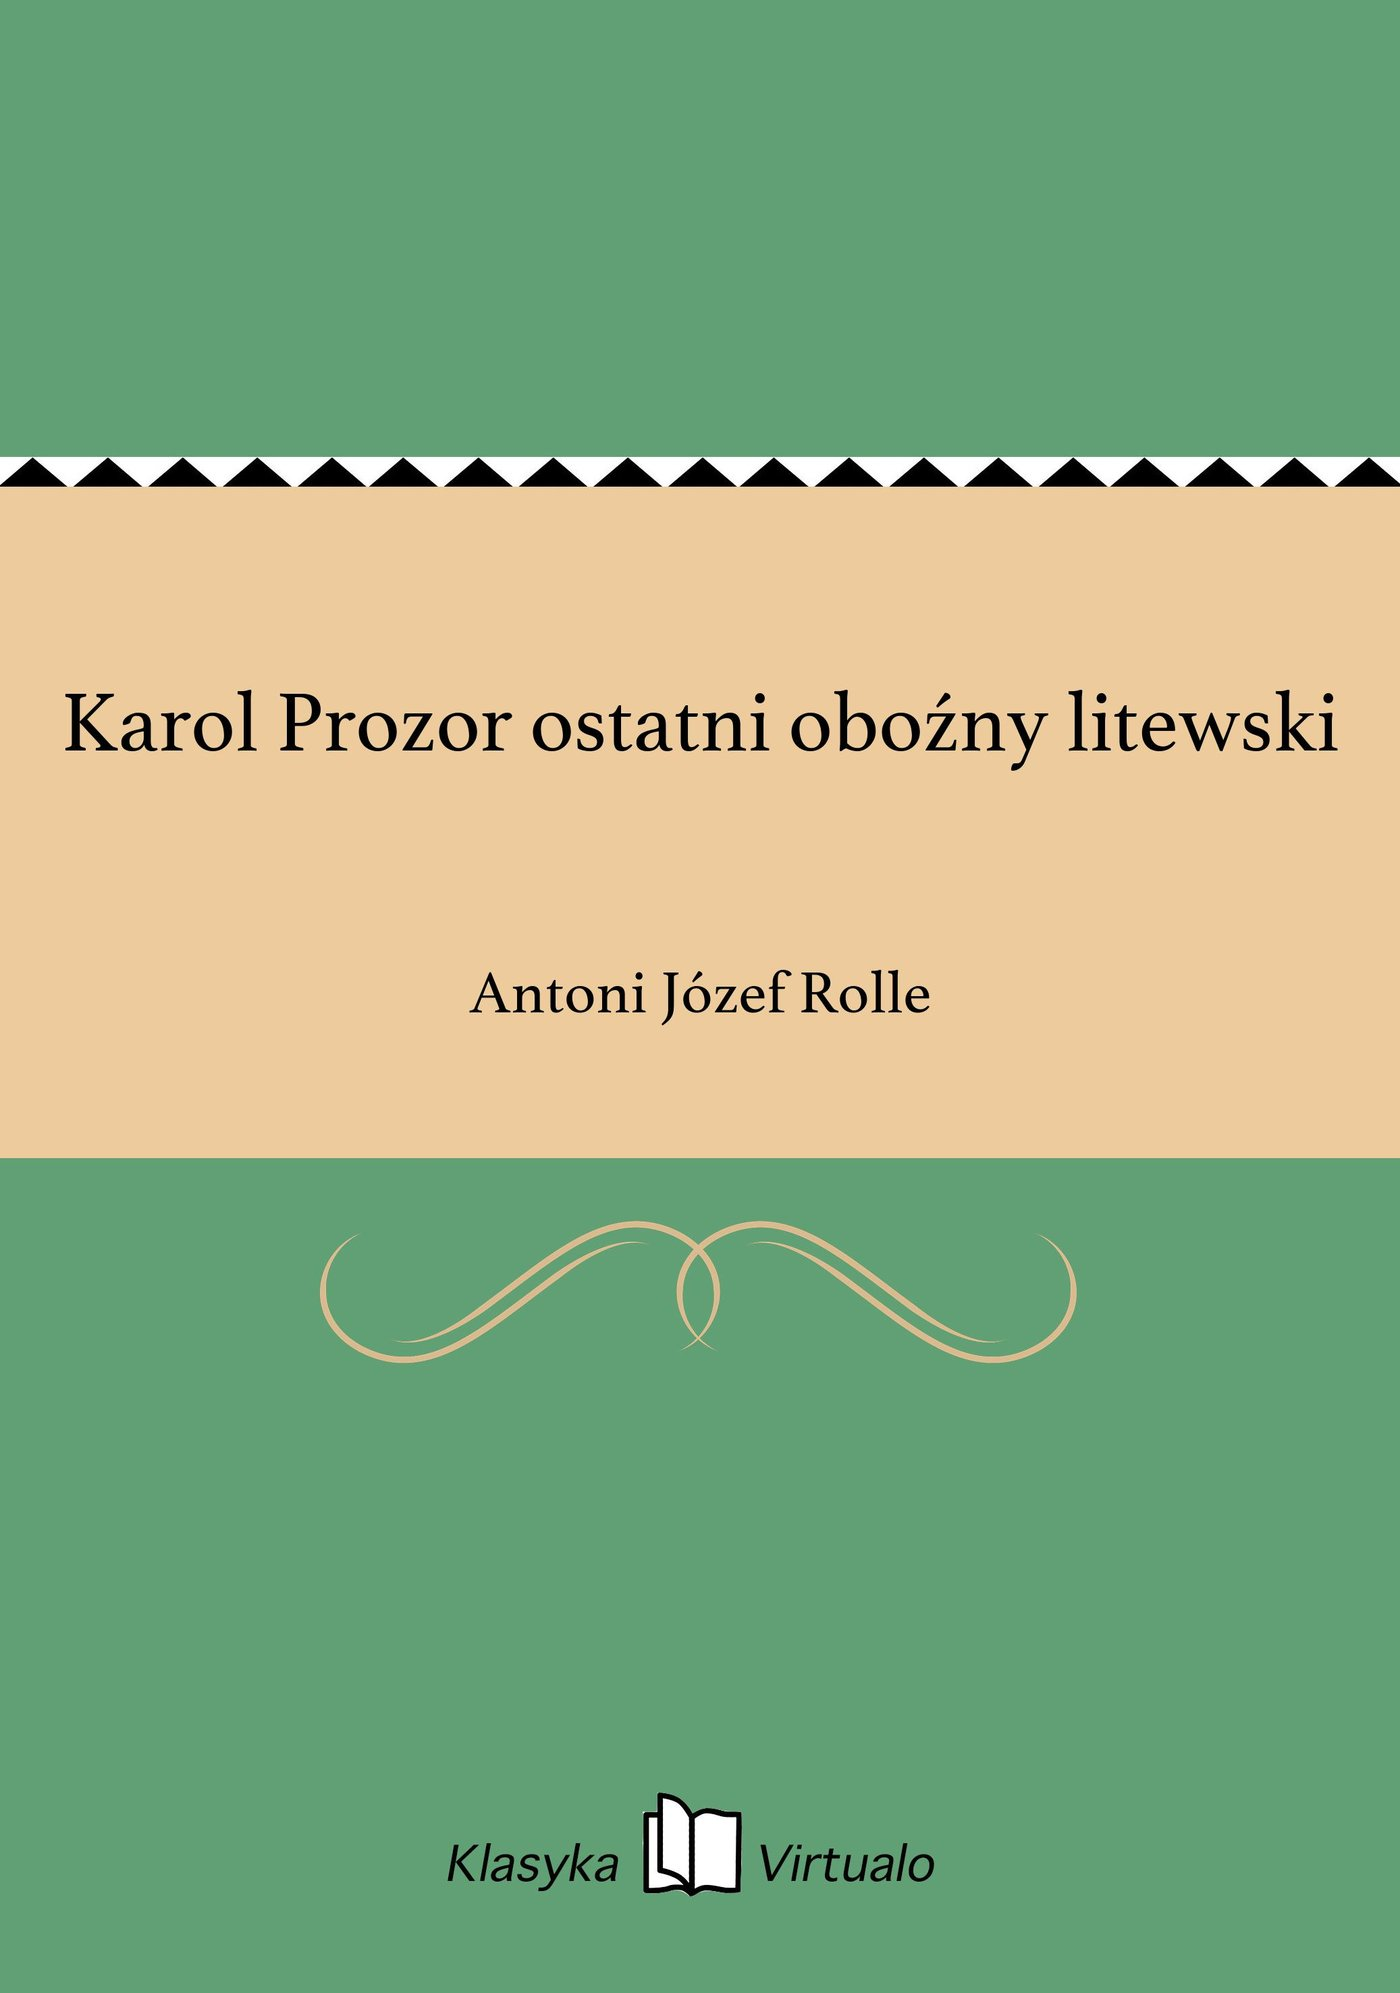 Karol Prozor ostatni oboźny litewski - Ebook (Książka EPUB) do pobrania w formacie EPUB